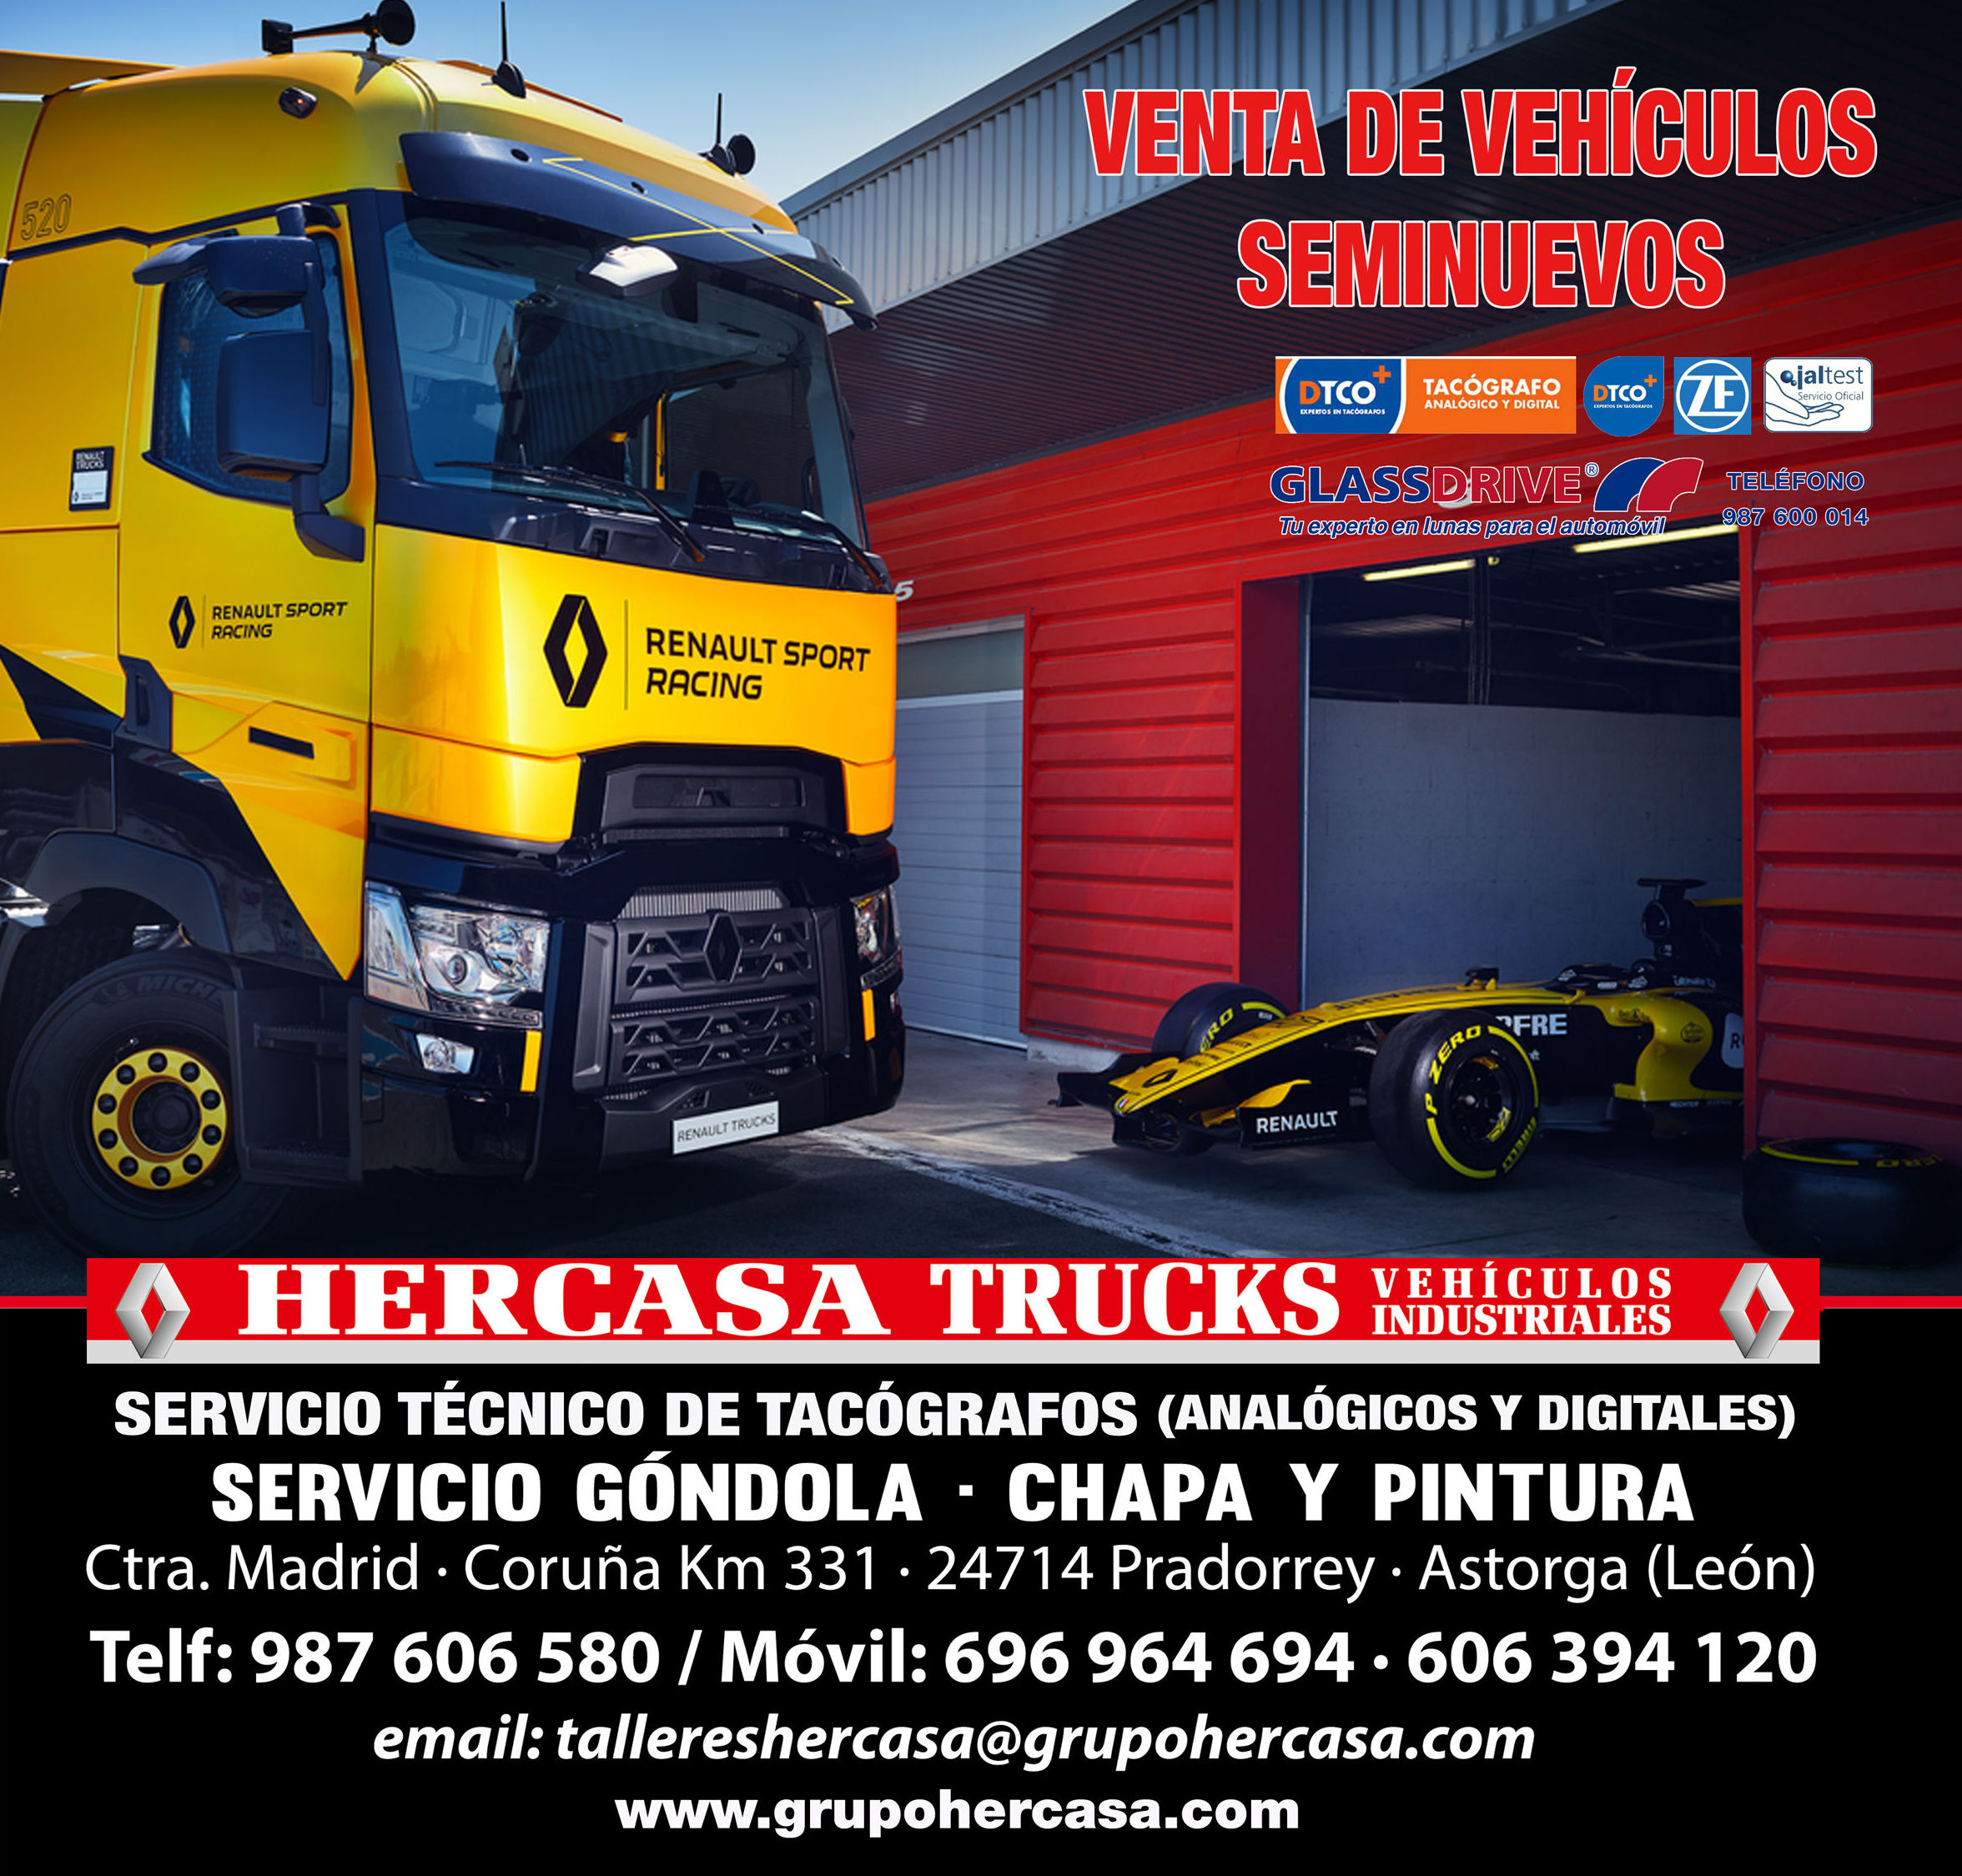 Foto 2 de Taller de automóviles y vehículos industriales en Pradorrey | Grupo Hercasa